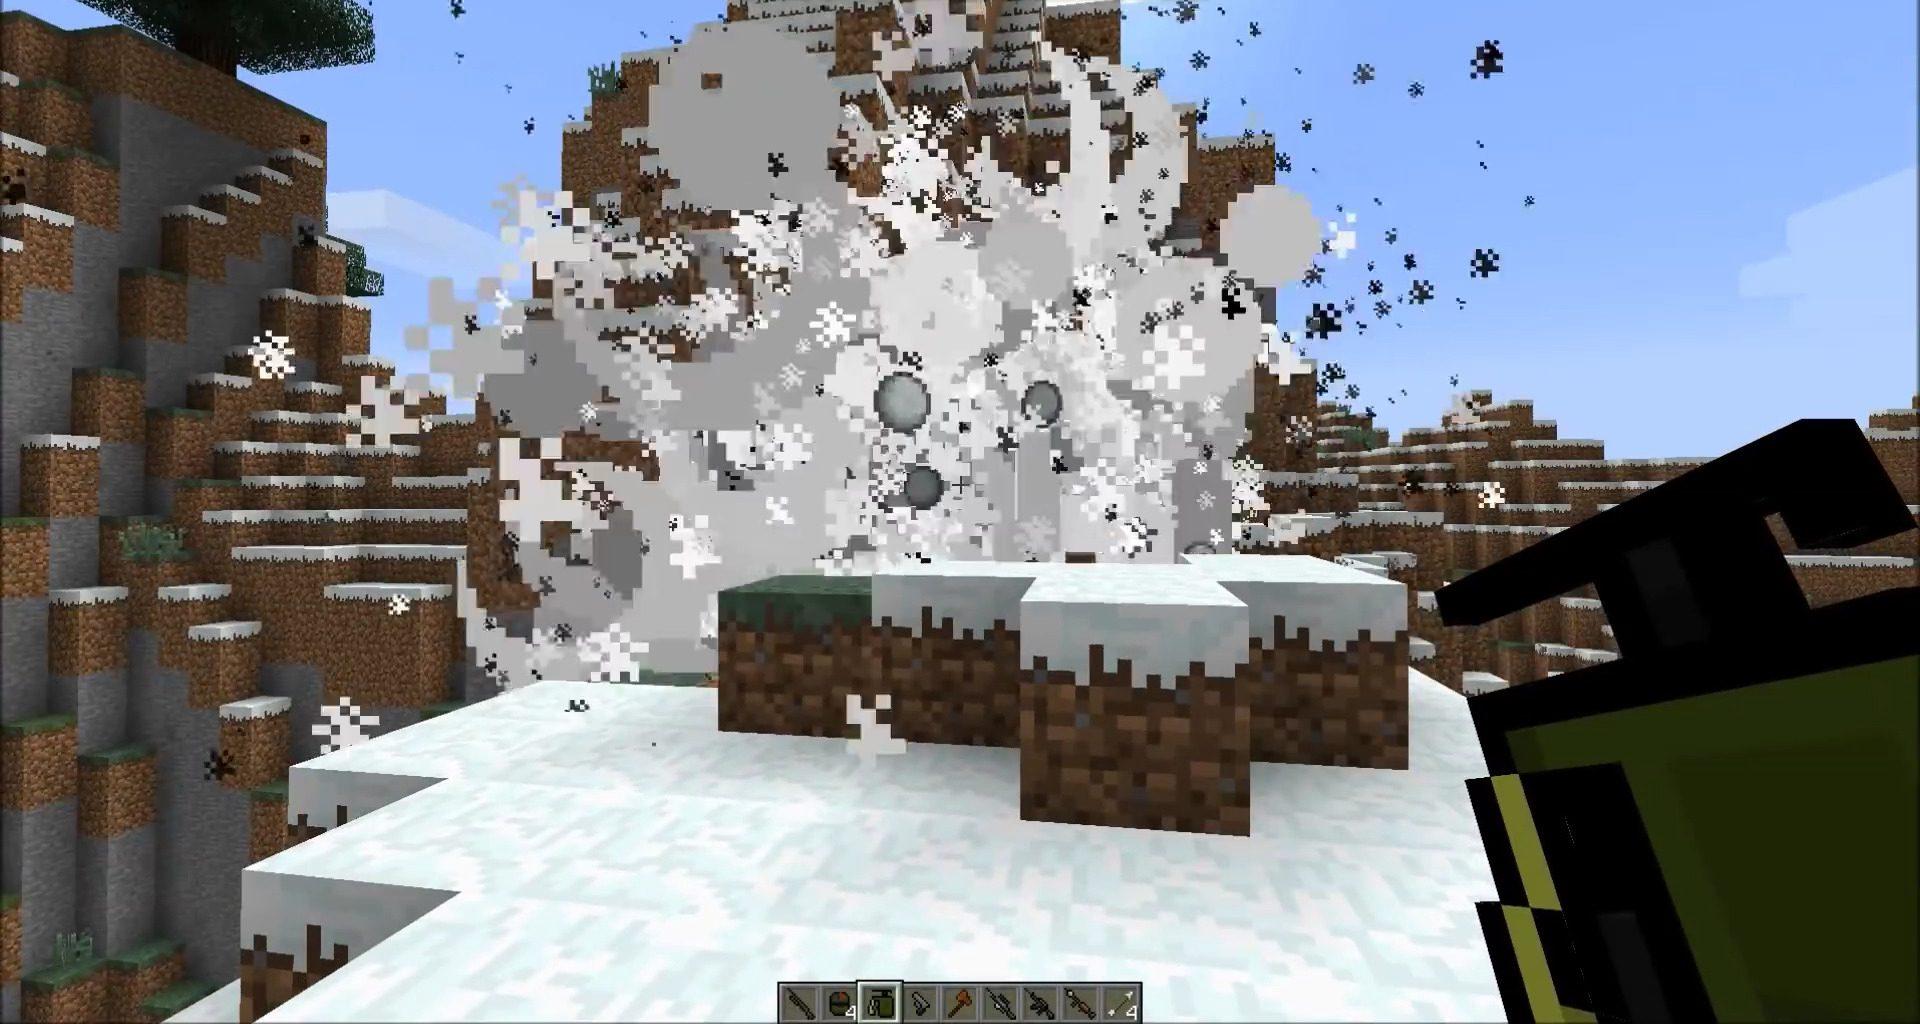 Flan's Modern Weapons Pack Mod Screenshots 21